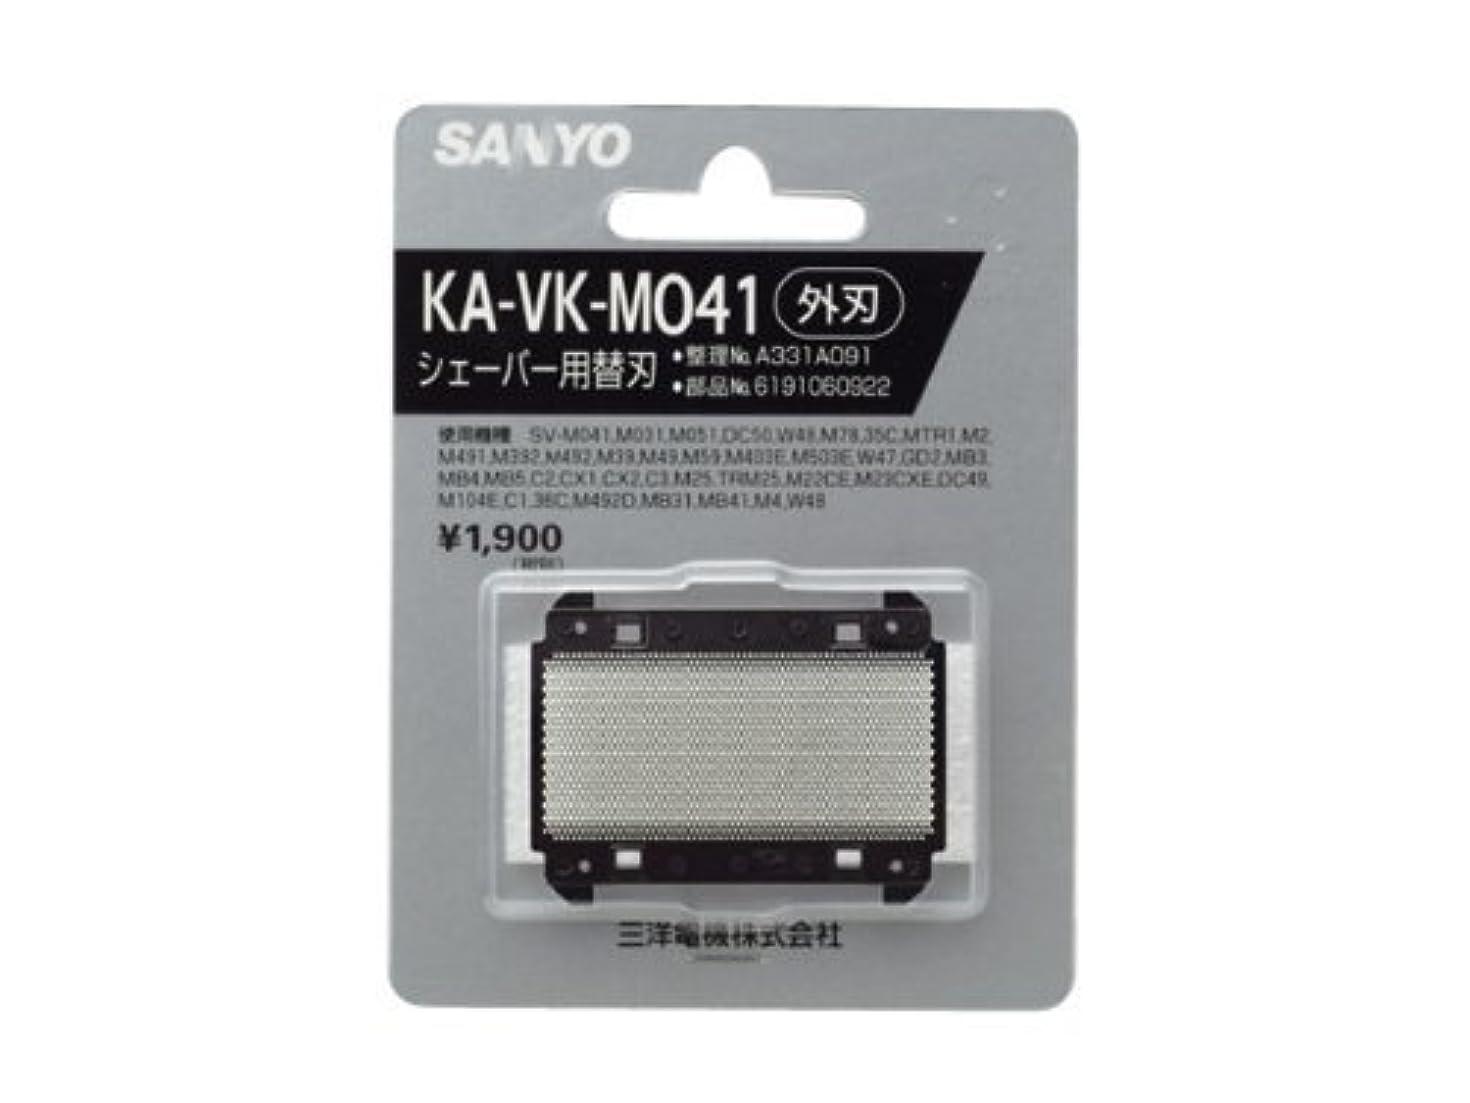 契約する薄汚い表現Panasonic シェーバー用替刃 外刃 6191060922